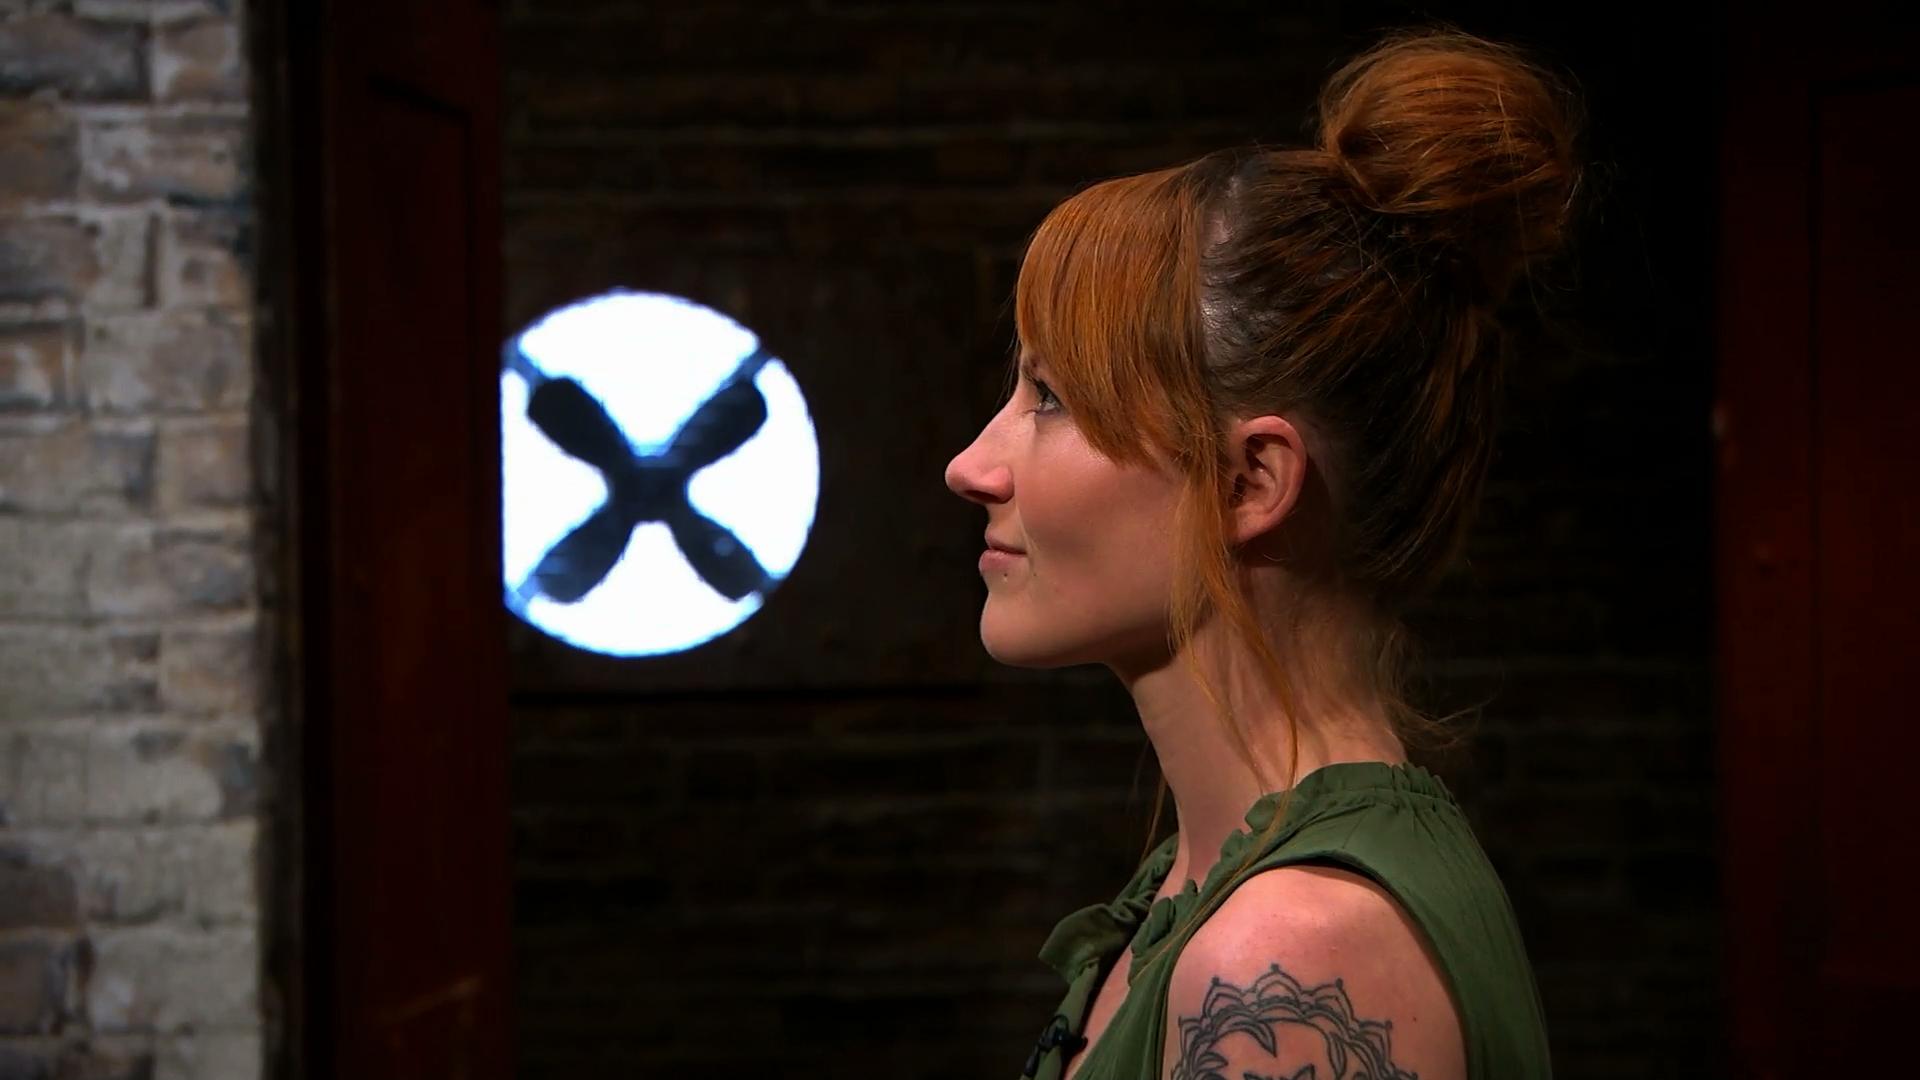 dragons den uk season 16 episode 2